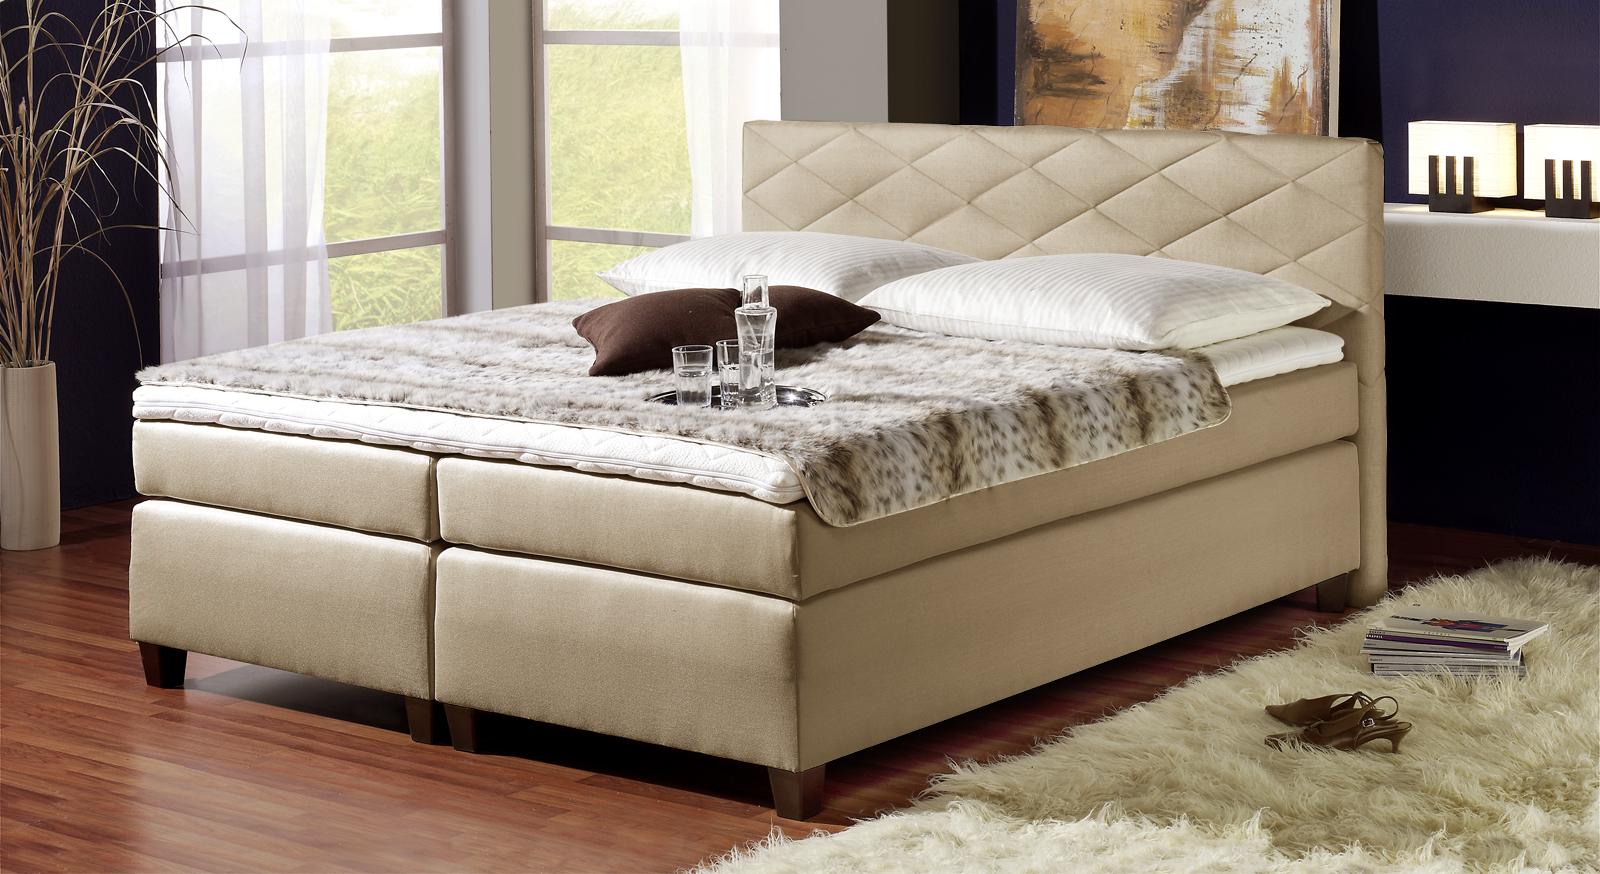 betten kaufen 140x200 finest metallbett weiss bett x juan with betten kaufen 140x200. Black Bedroom Furniture Sets. Home Design Ideas